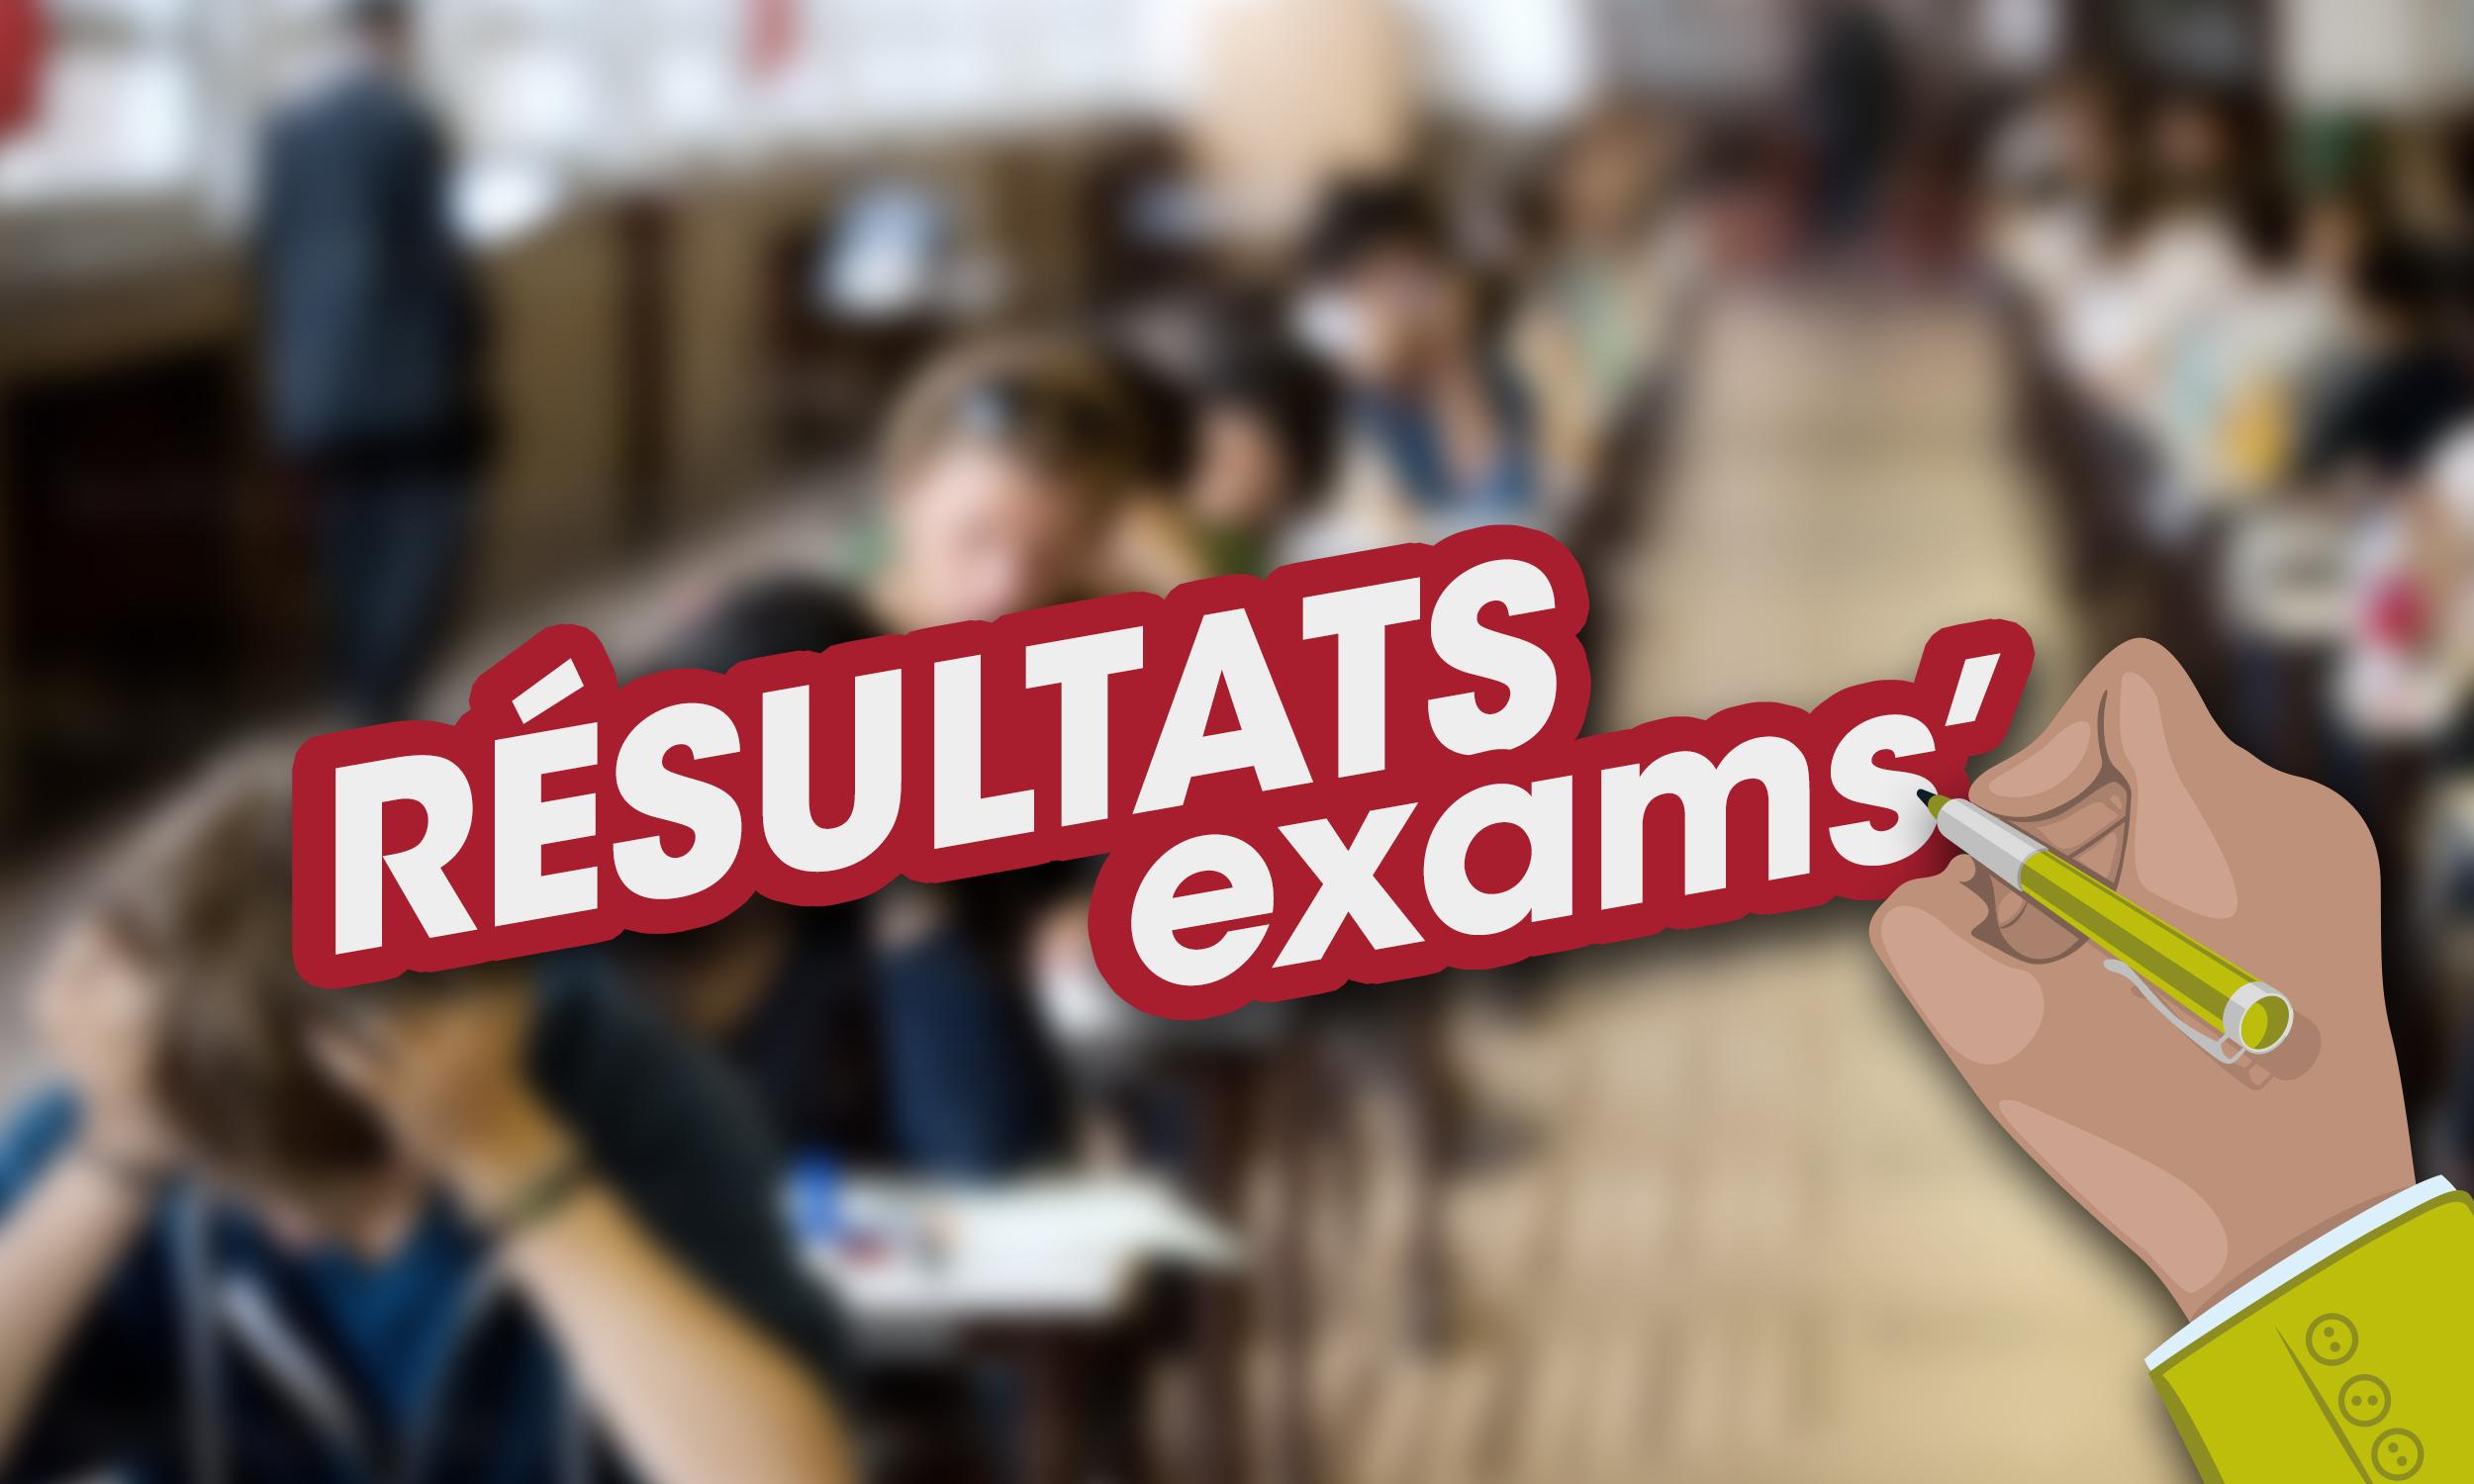 résultats exams